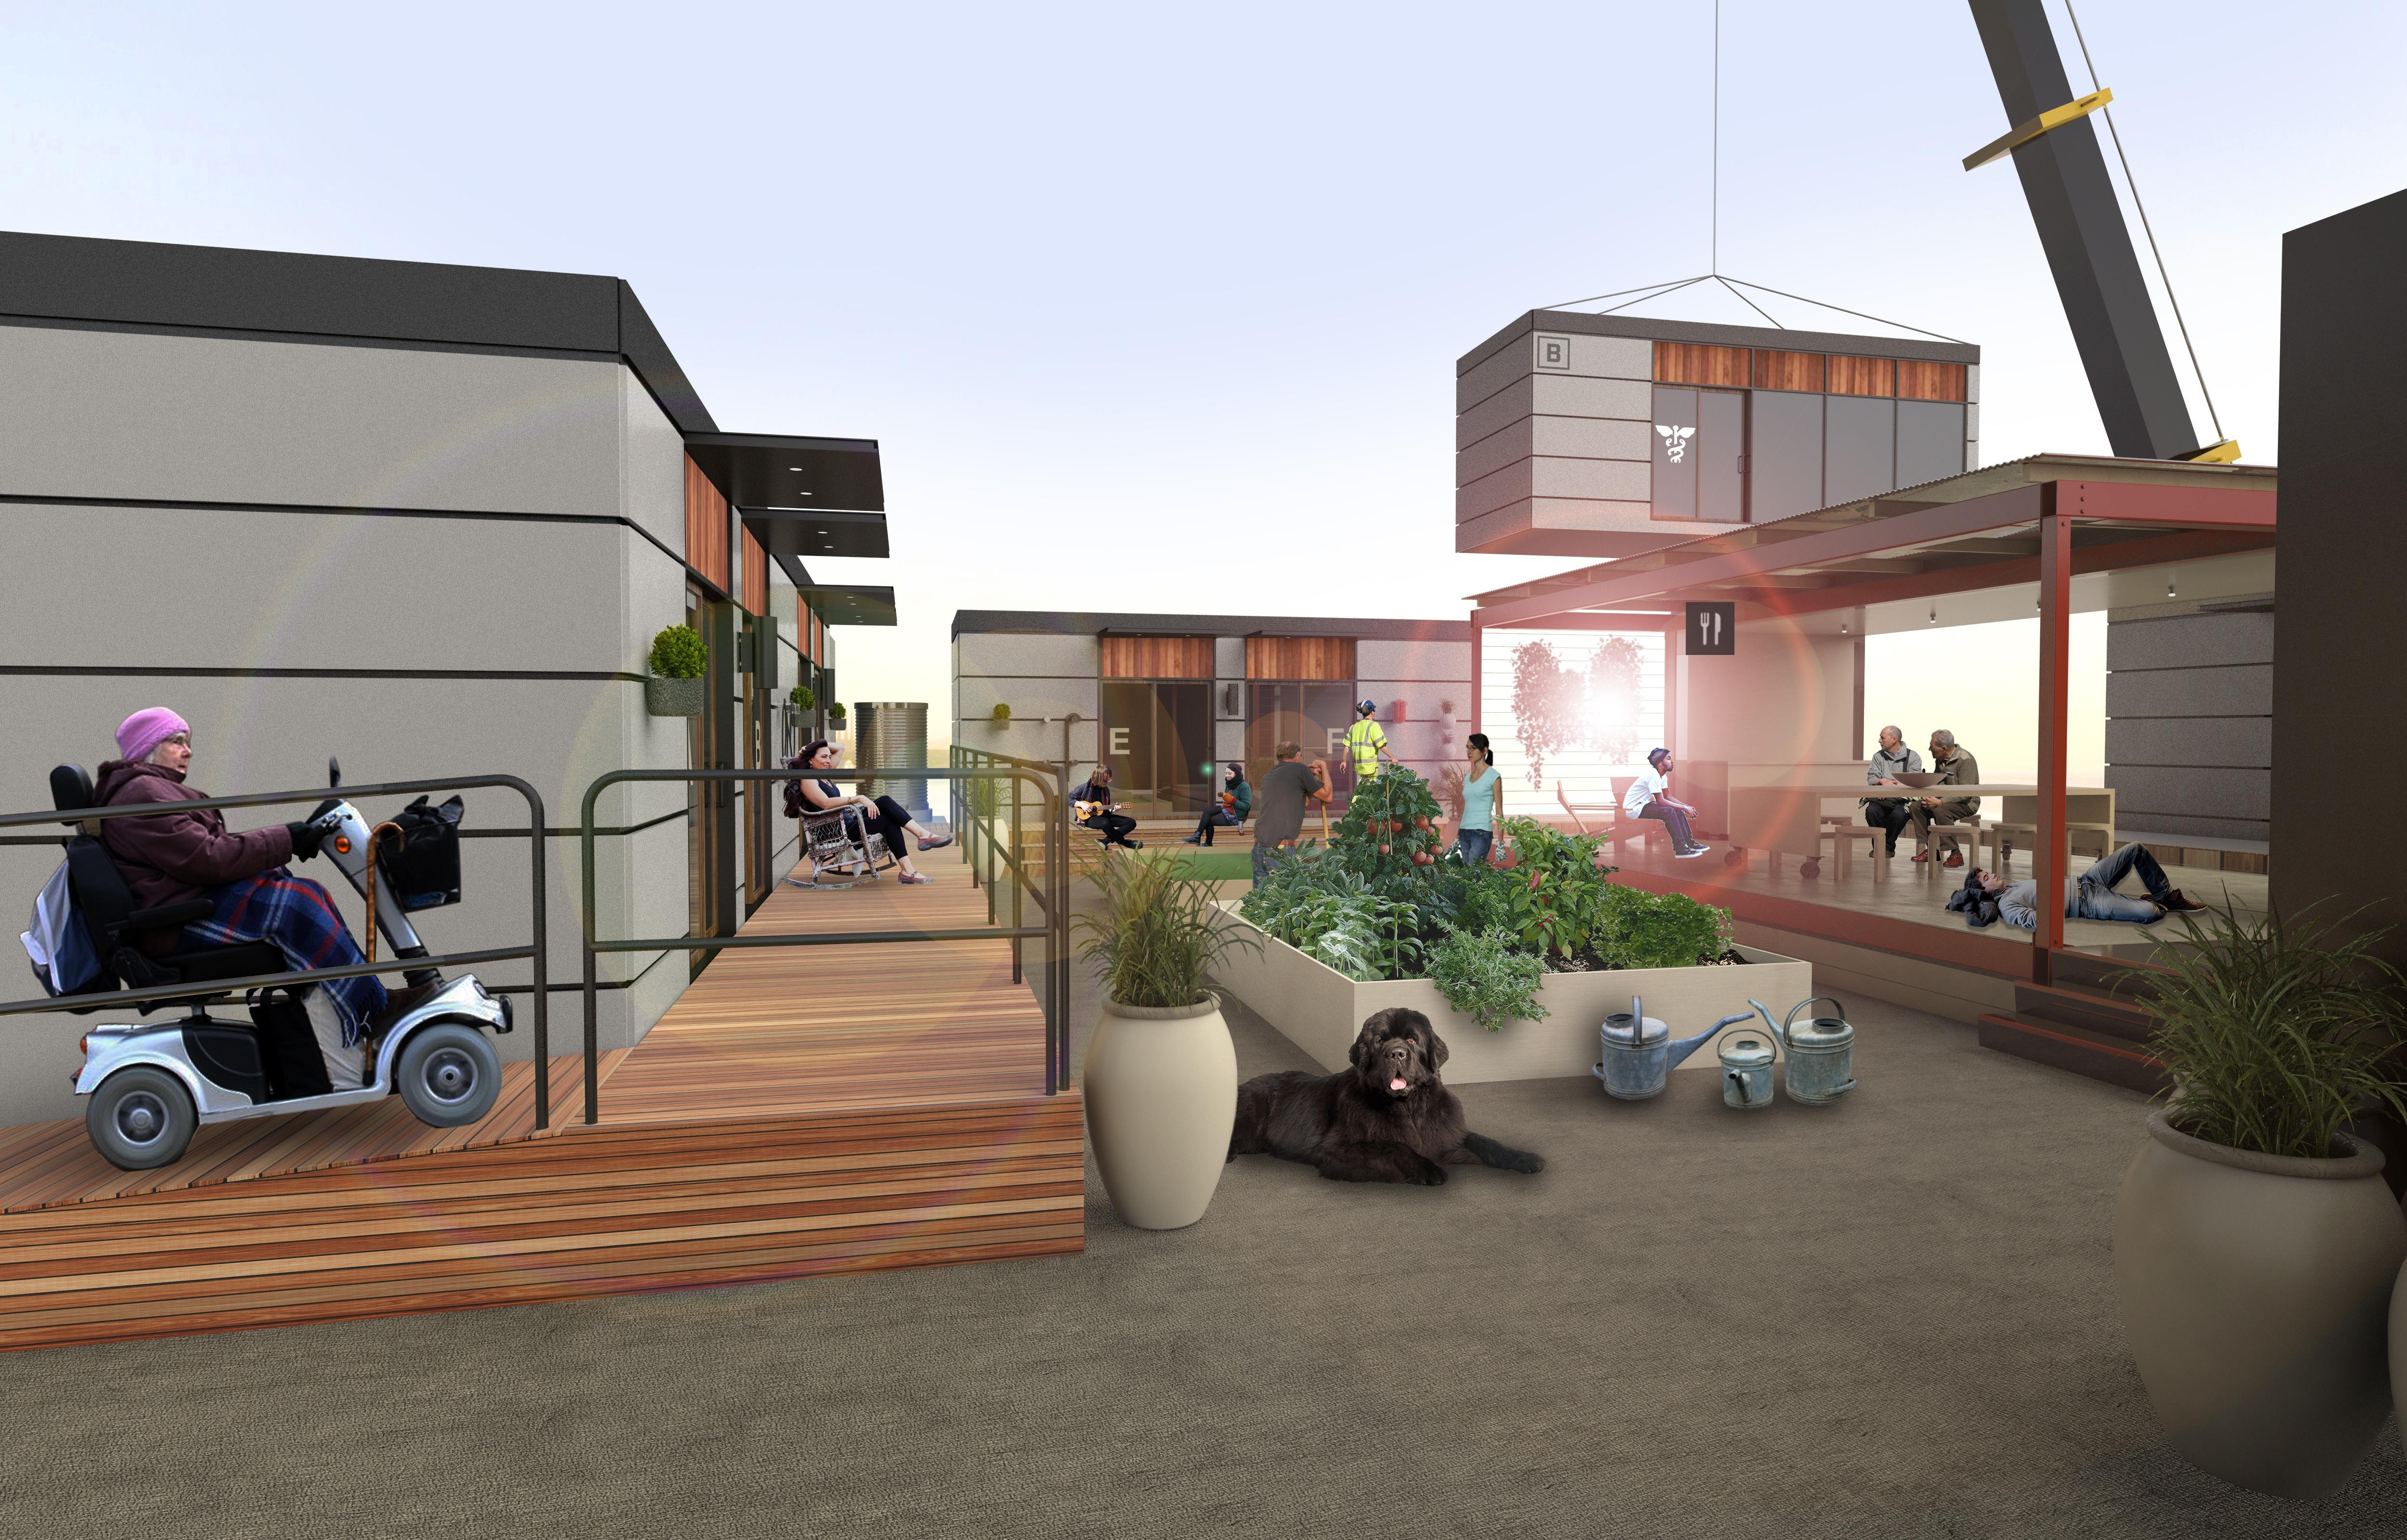 05 - Image - Impact Housing